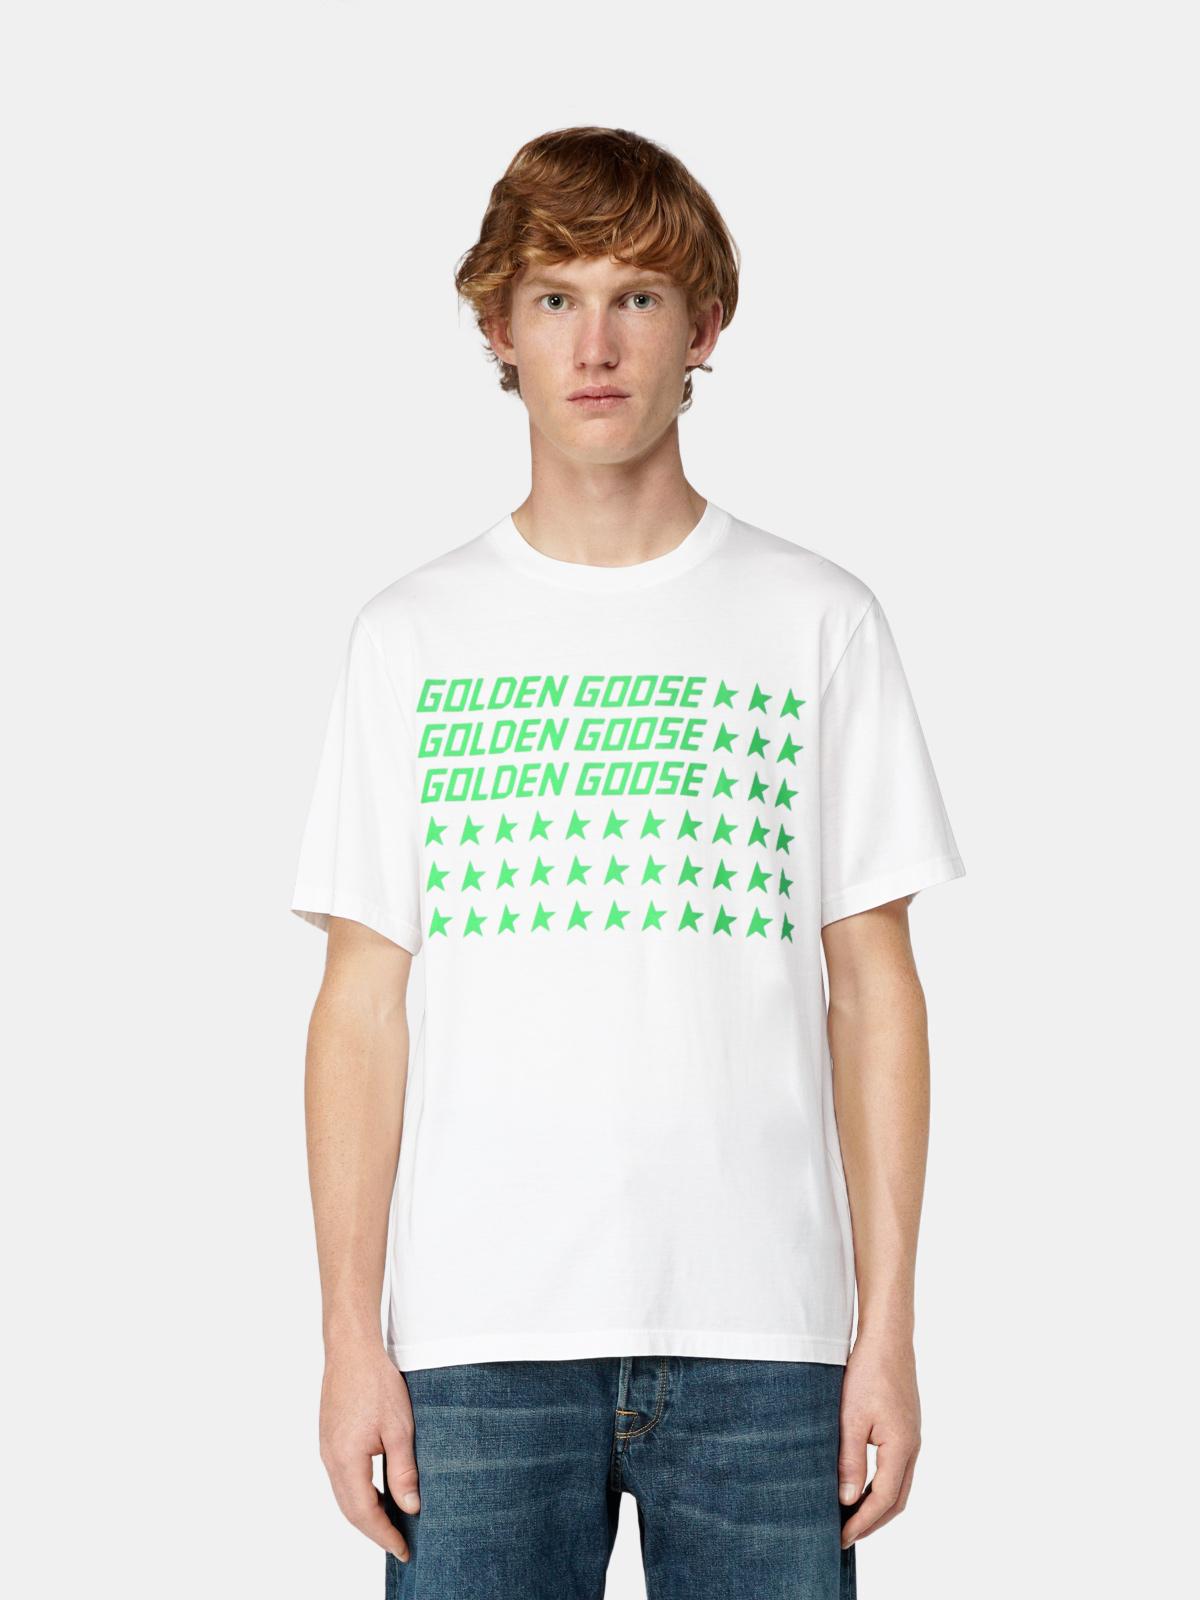 Golden Goose - T-shirt Adamo con stampa flag verde fluo in